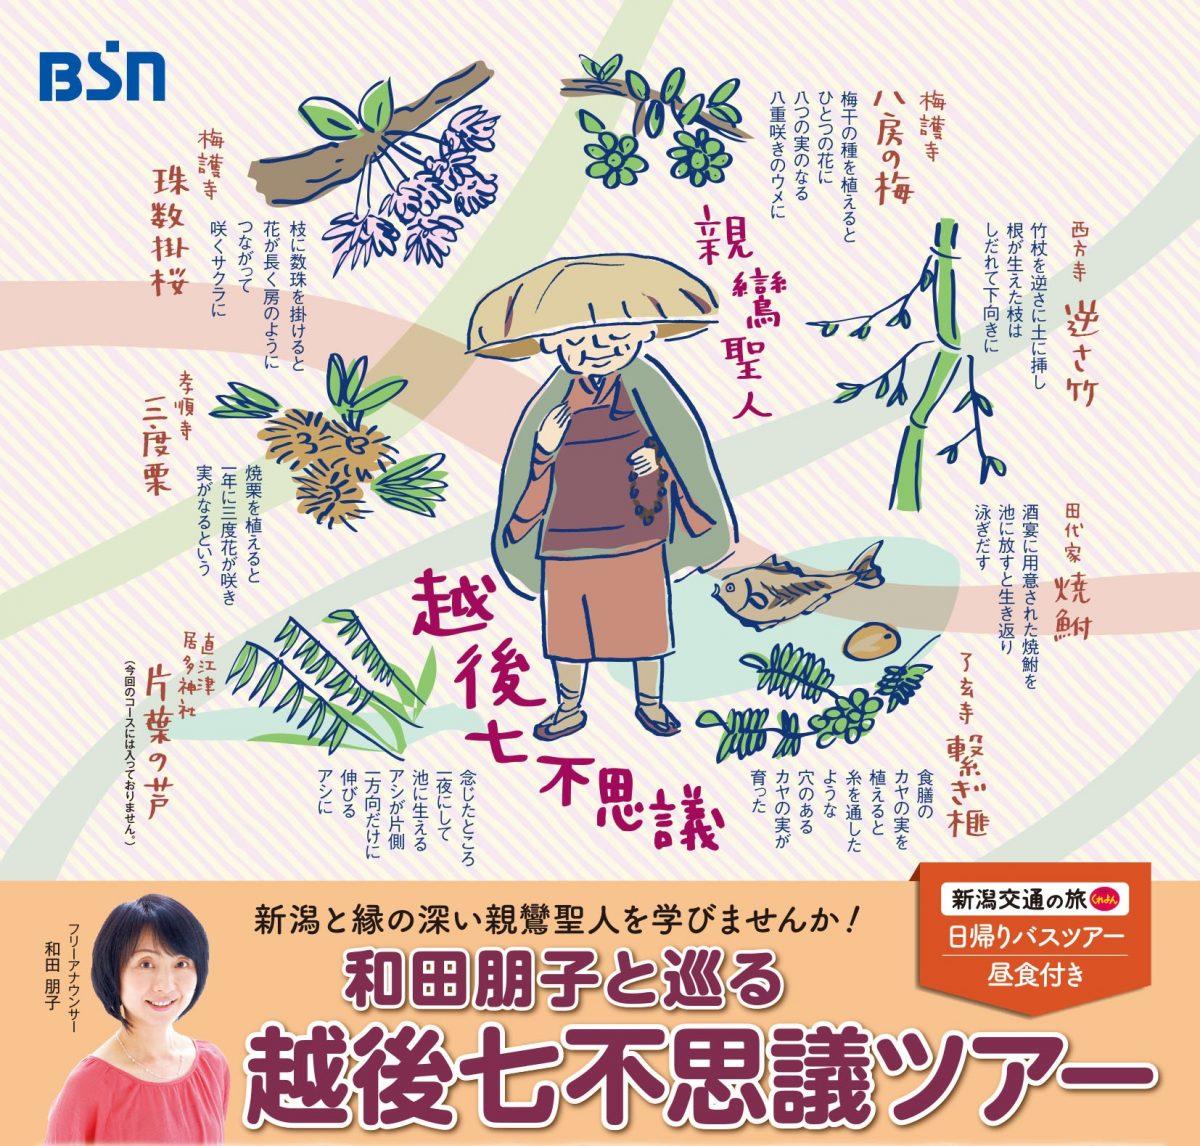 和田朋子と巡る「越後七不思議ツアー」